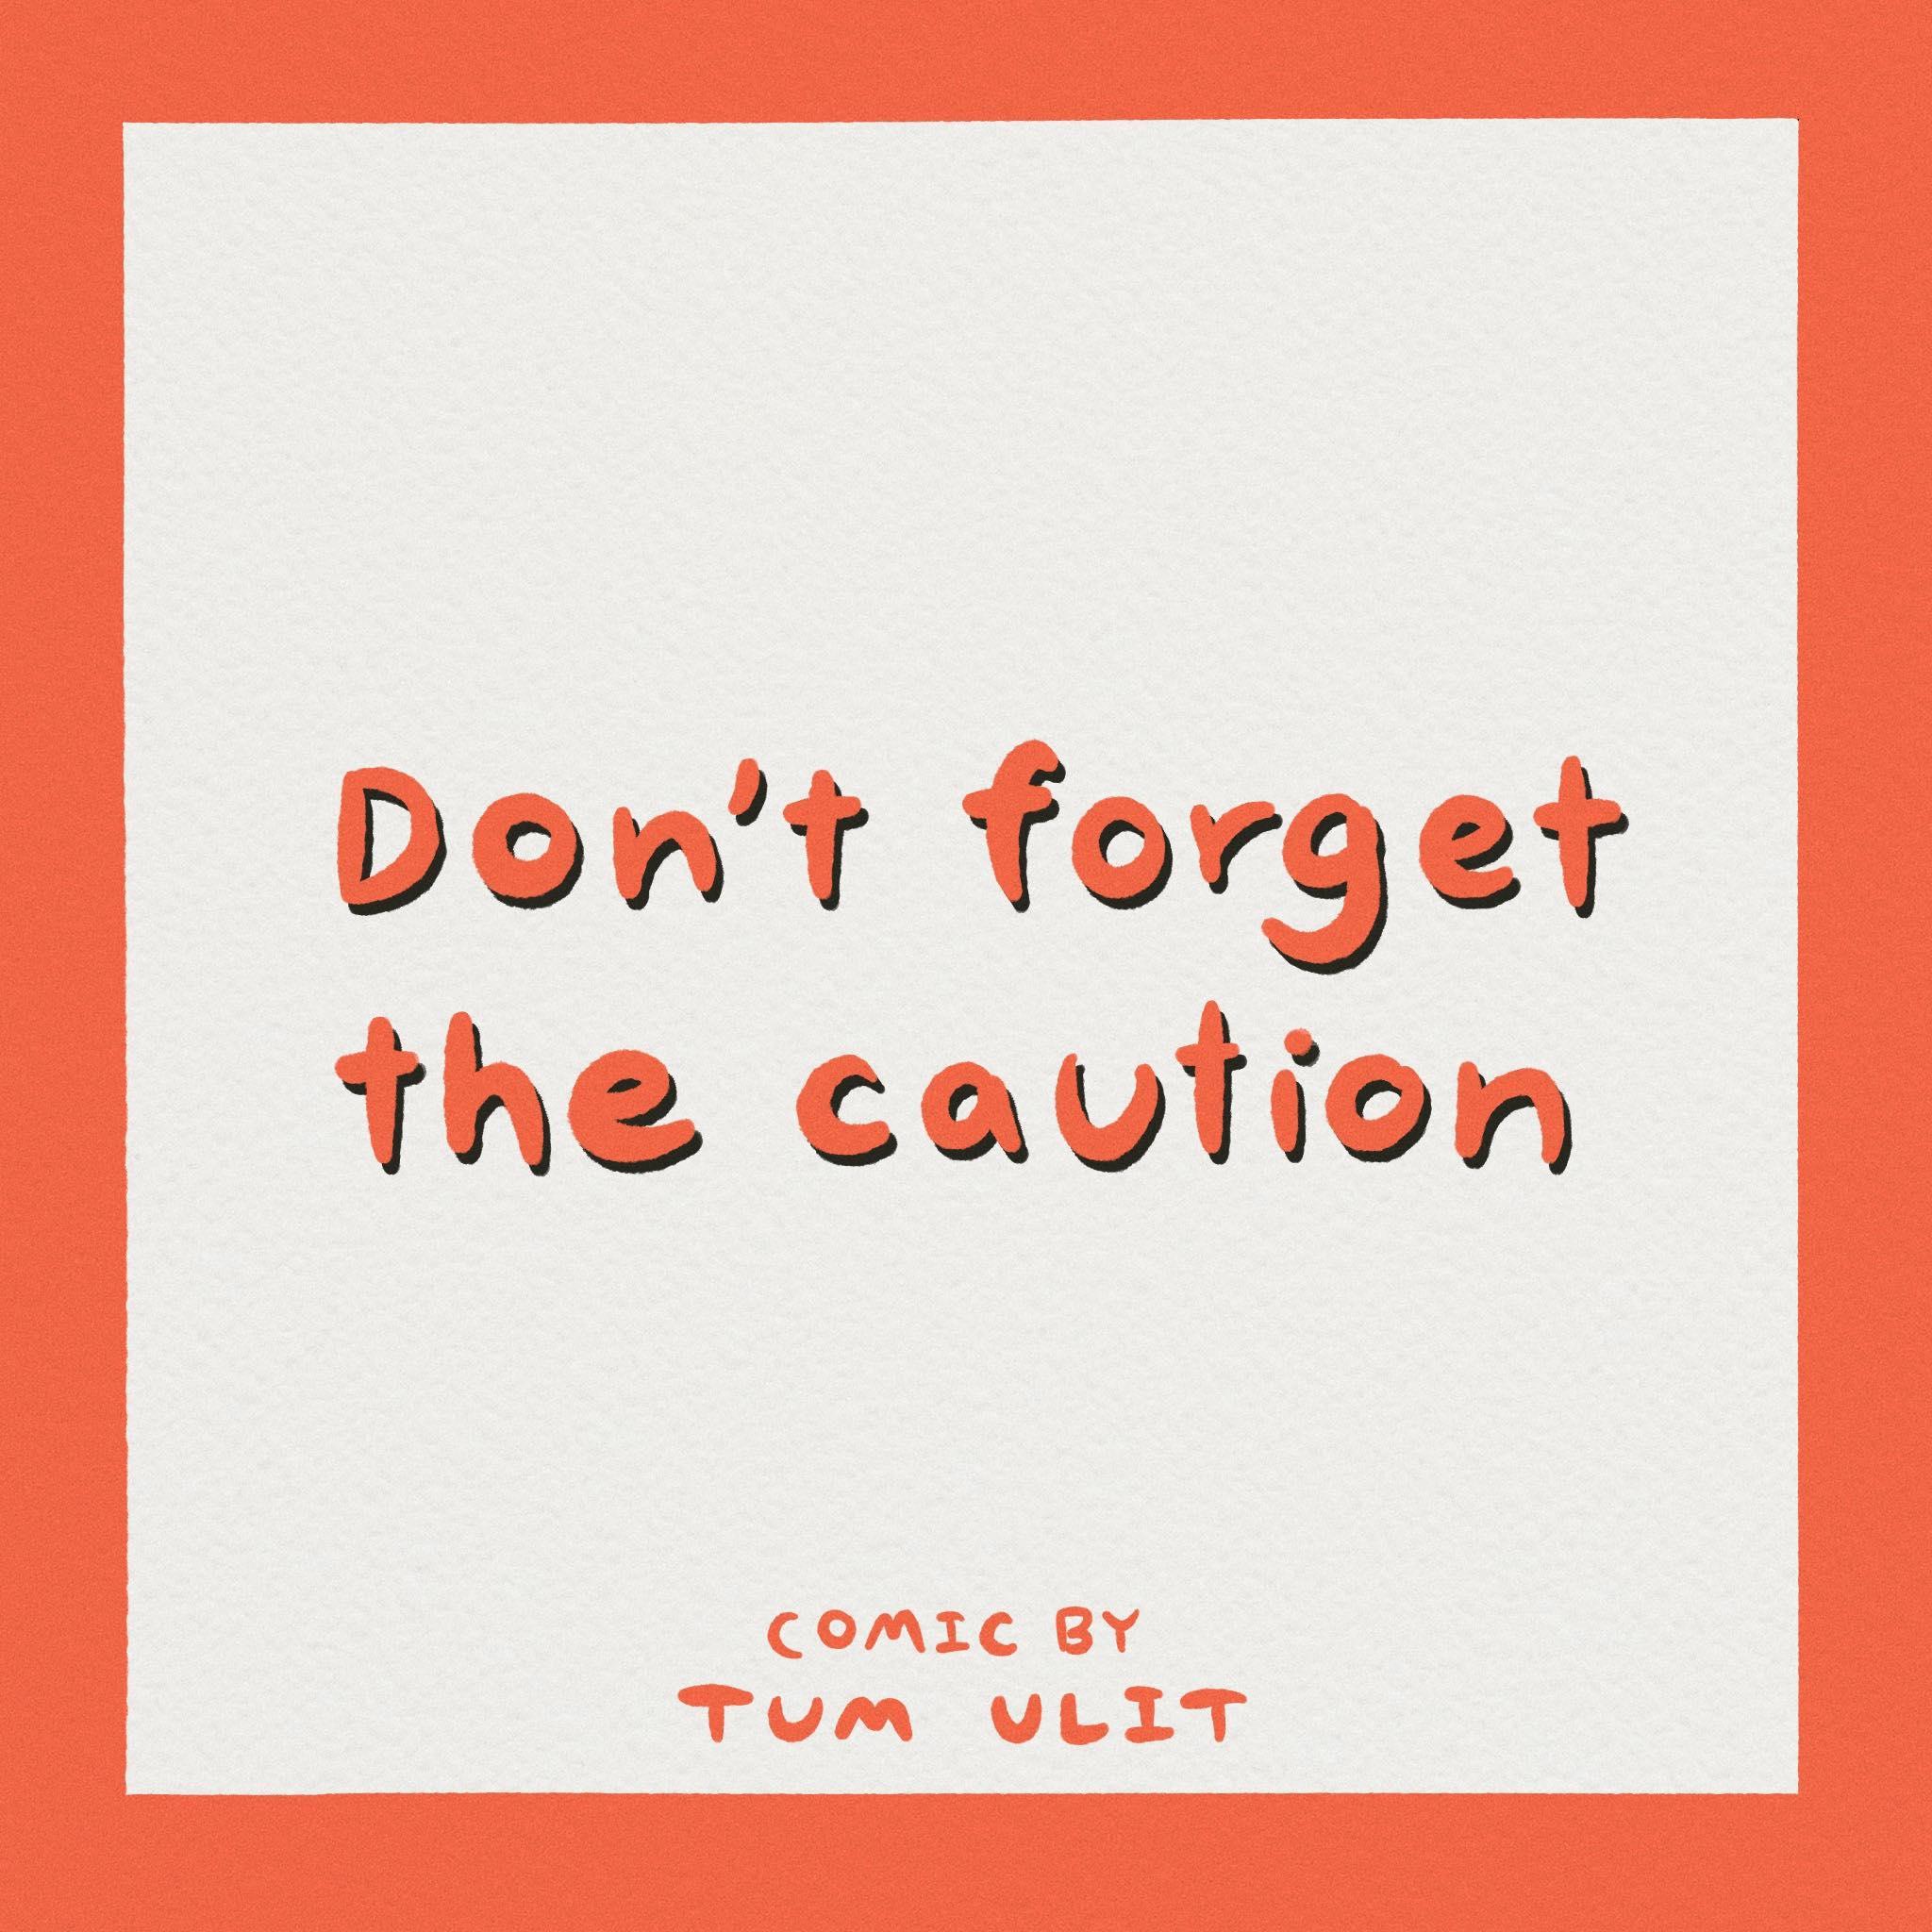 Не забывайте об осторожности